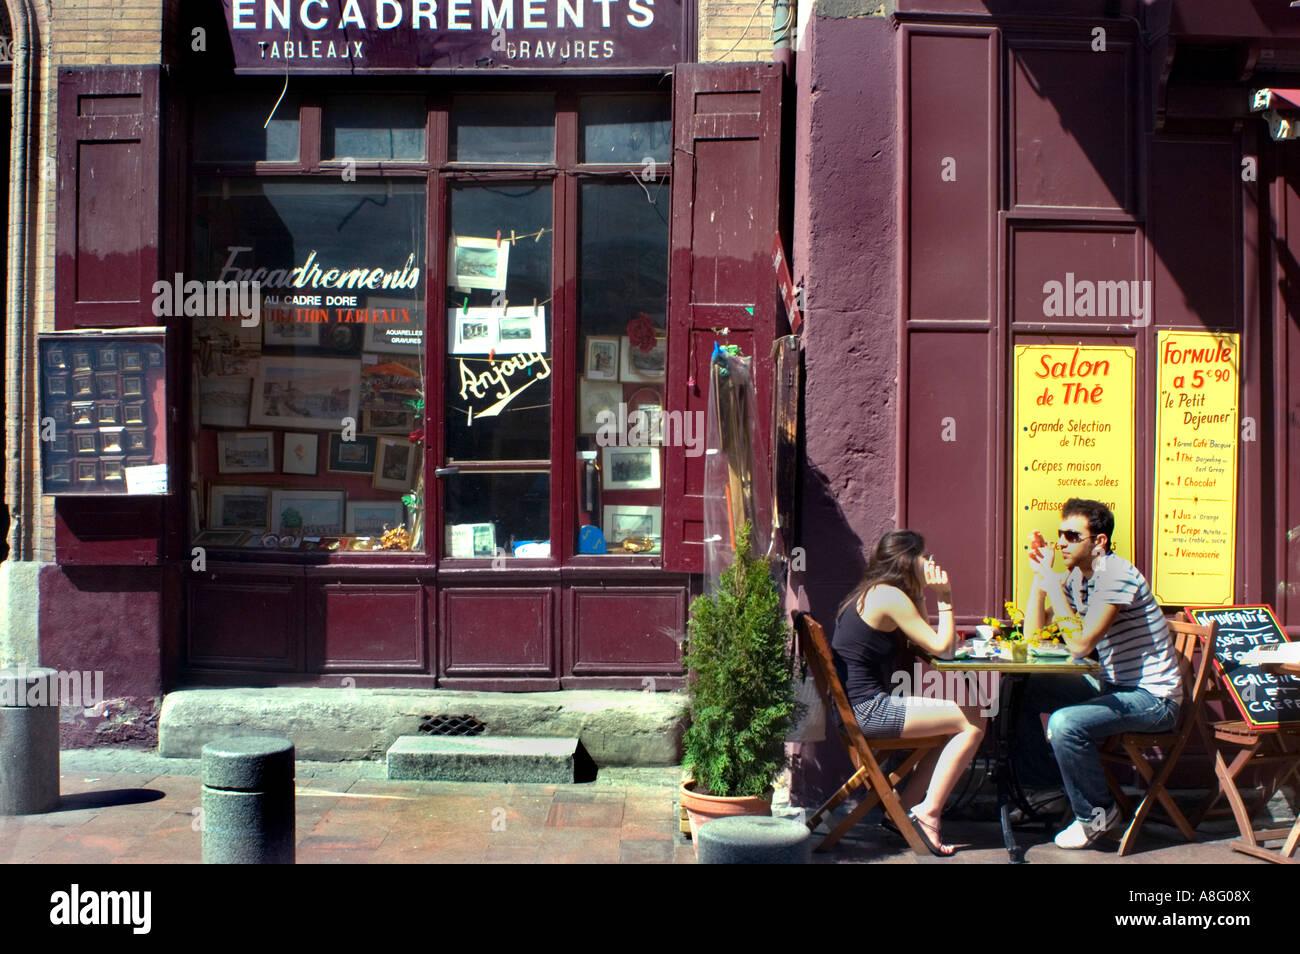 Toulouse Francia Adulto Joven Pareja Compartiendo Bebidas Y